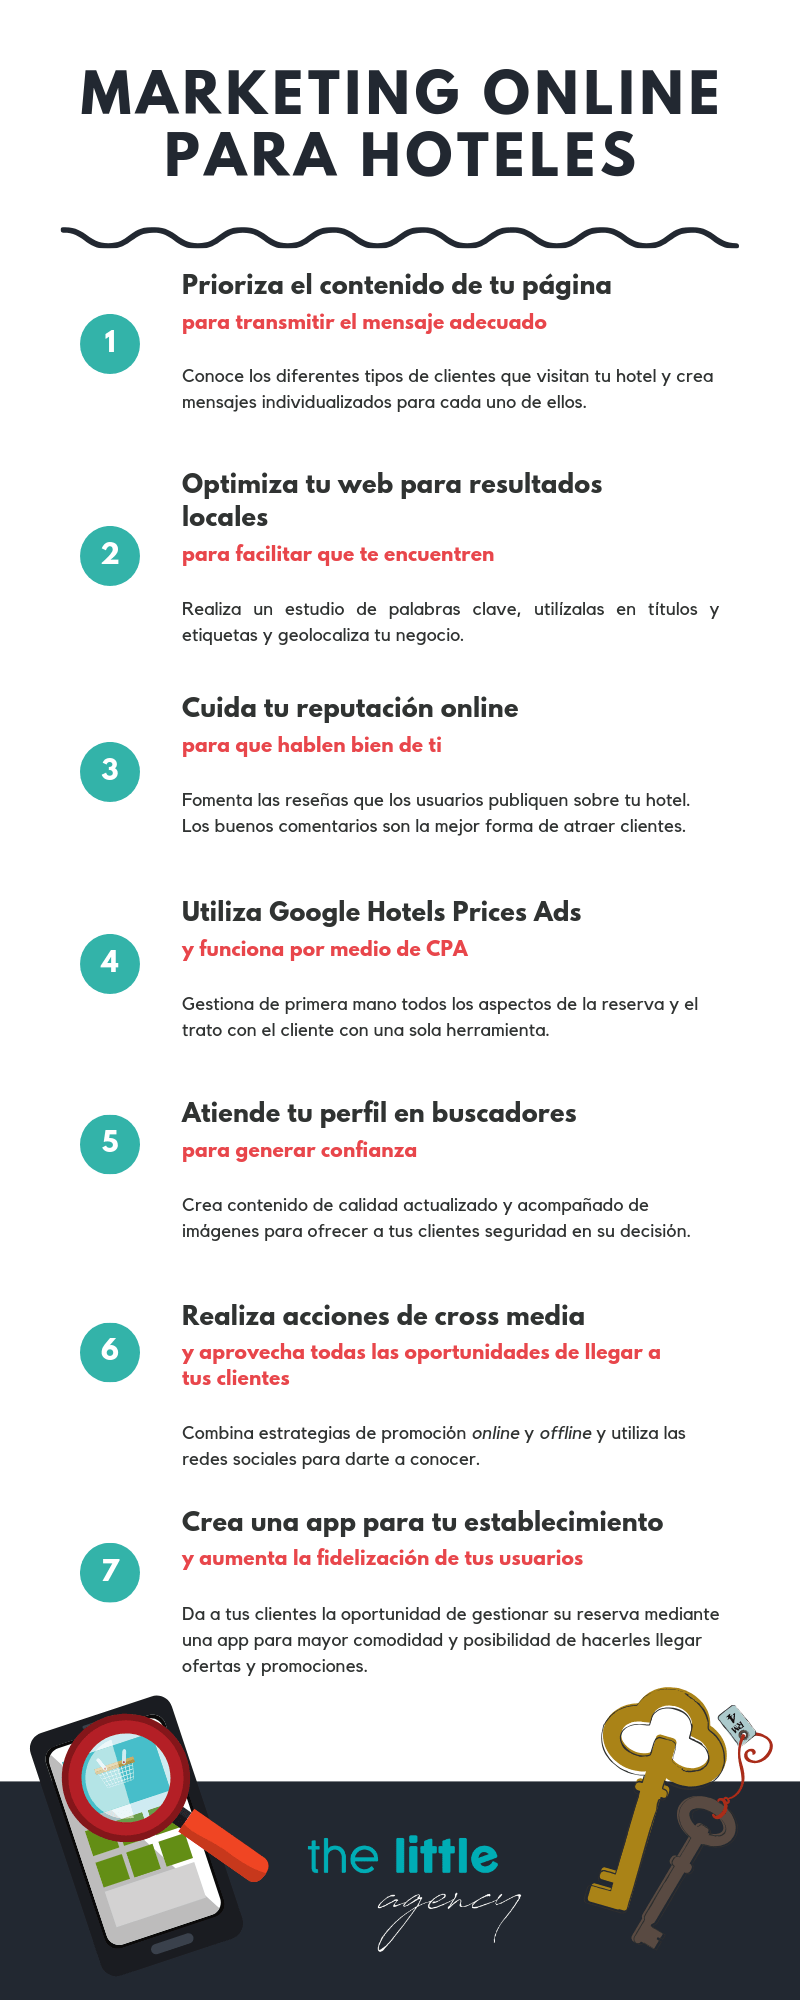 Infografia consejos marketing para hoteles